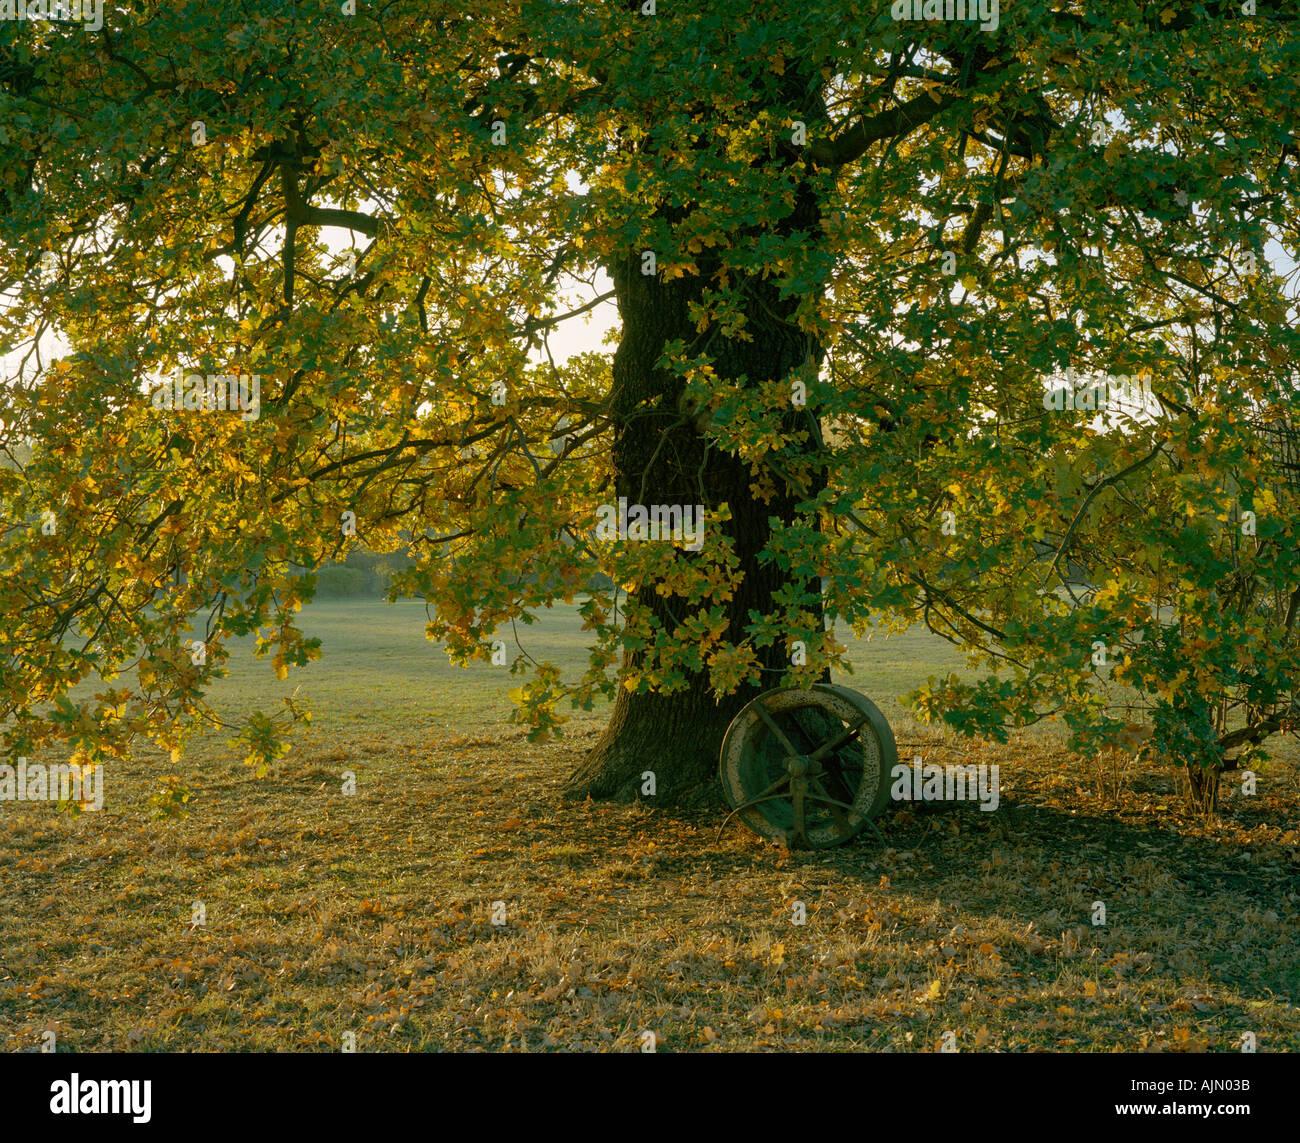 Rodillo de pasto bajo el árbol de roble cerca de cricket pitch a principios de otoño Foto de stock